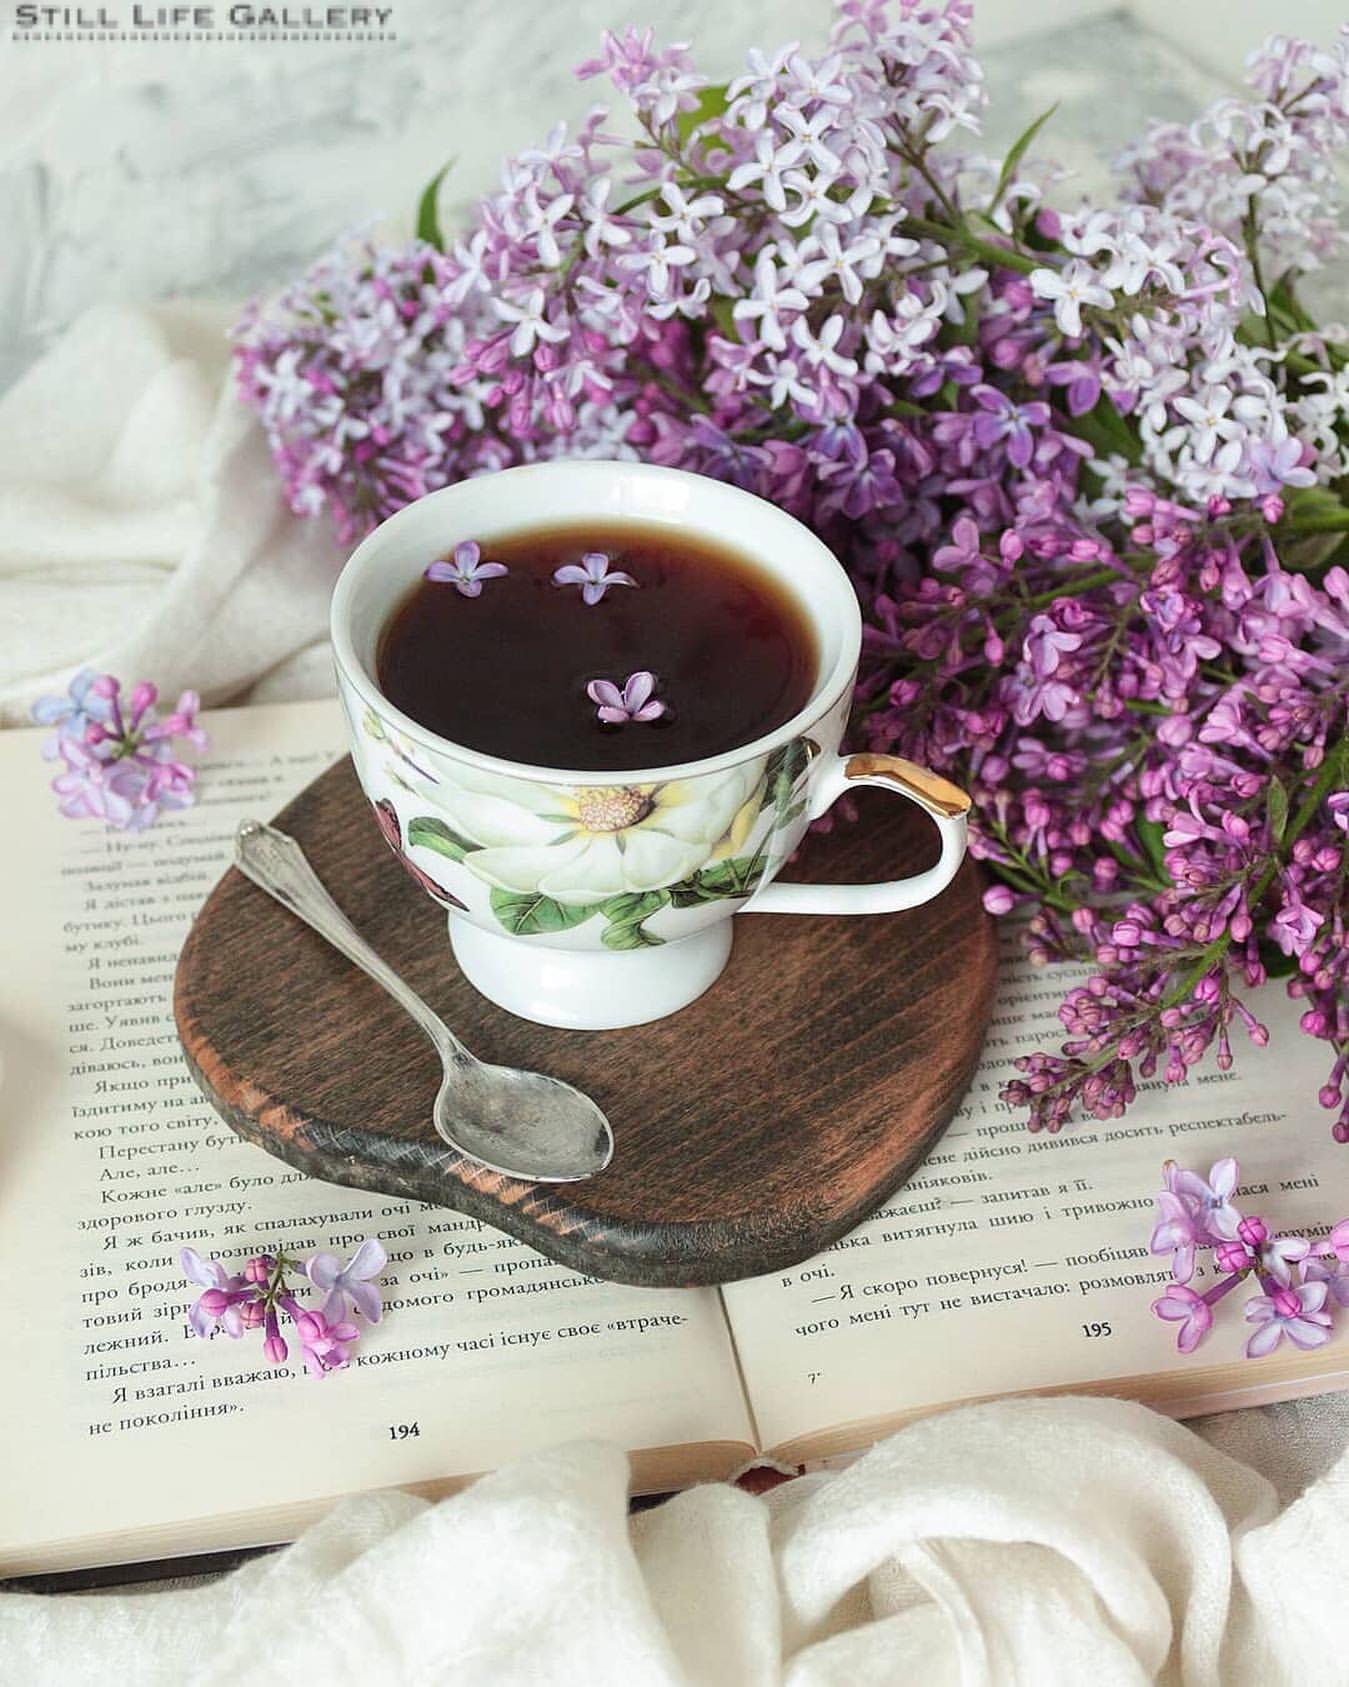 Фото Чашка кофе с цветочками сирени на досточке, by still life gallery